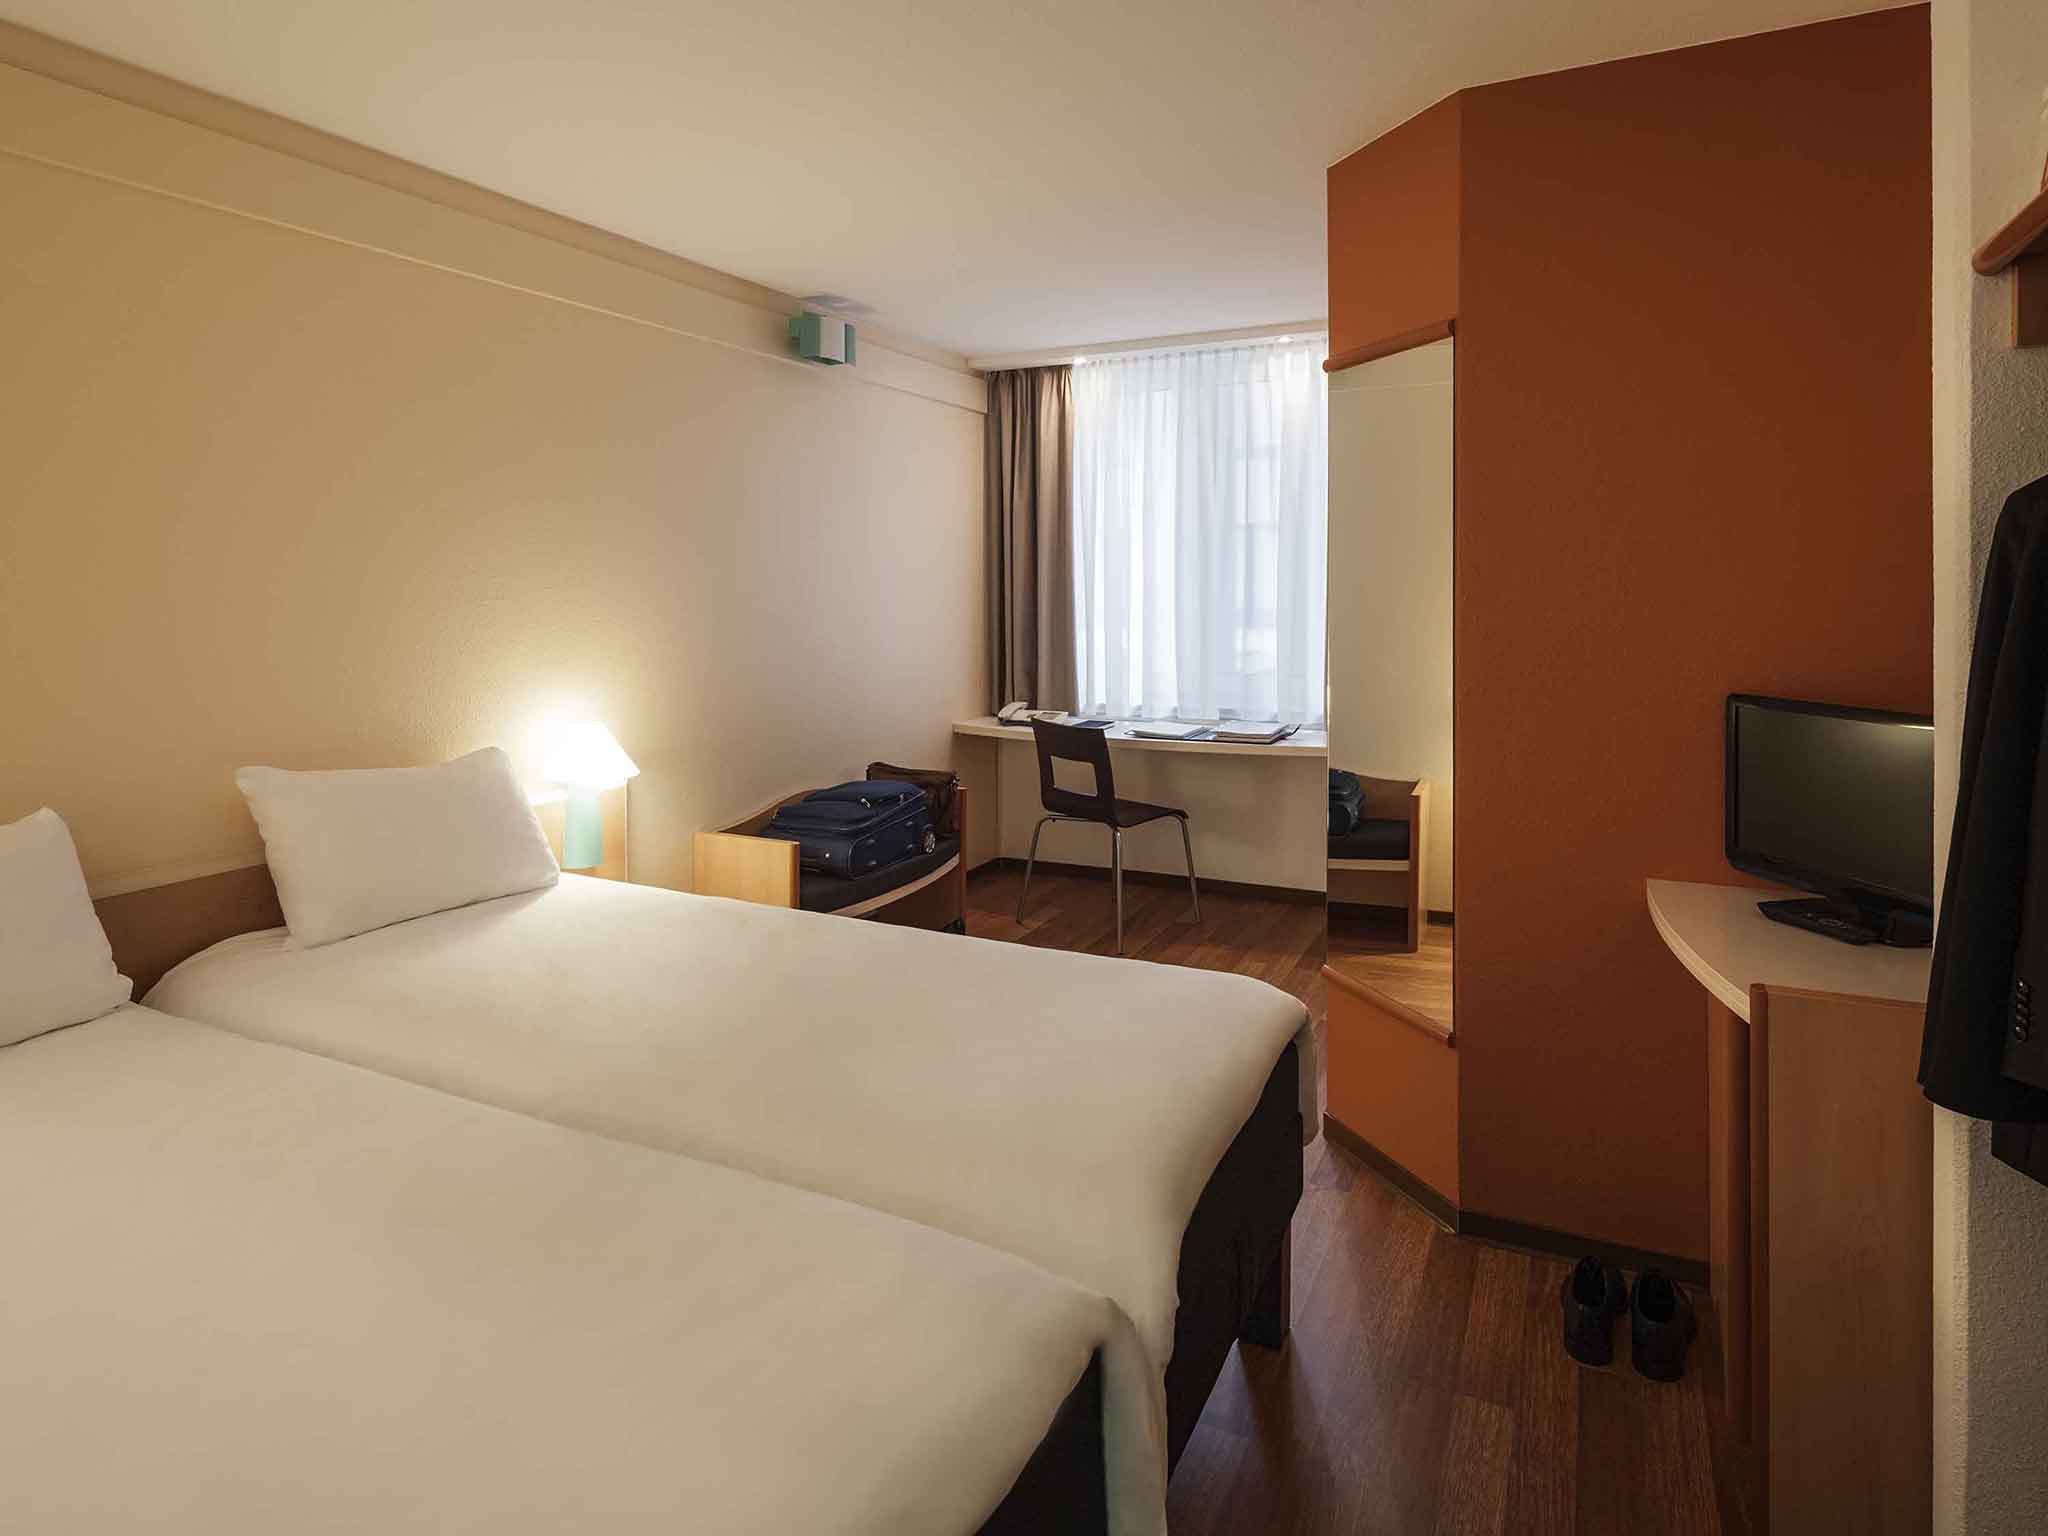 Ibis Hotel Messe Nurnberg